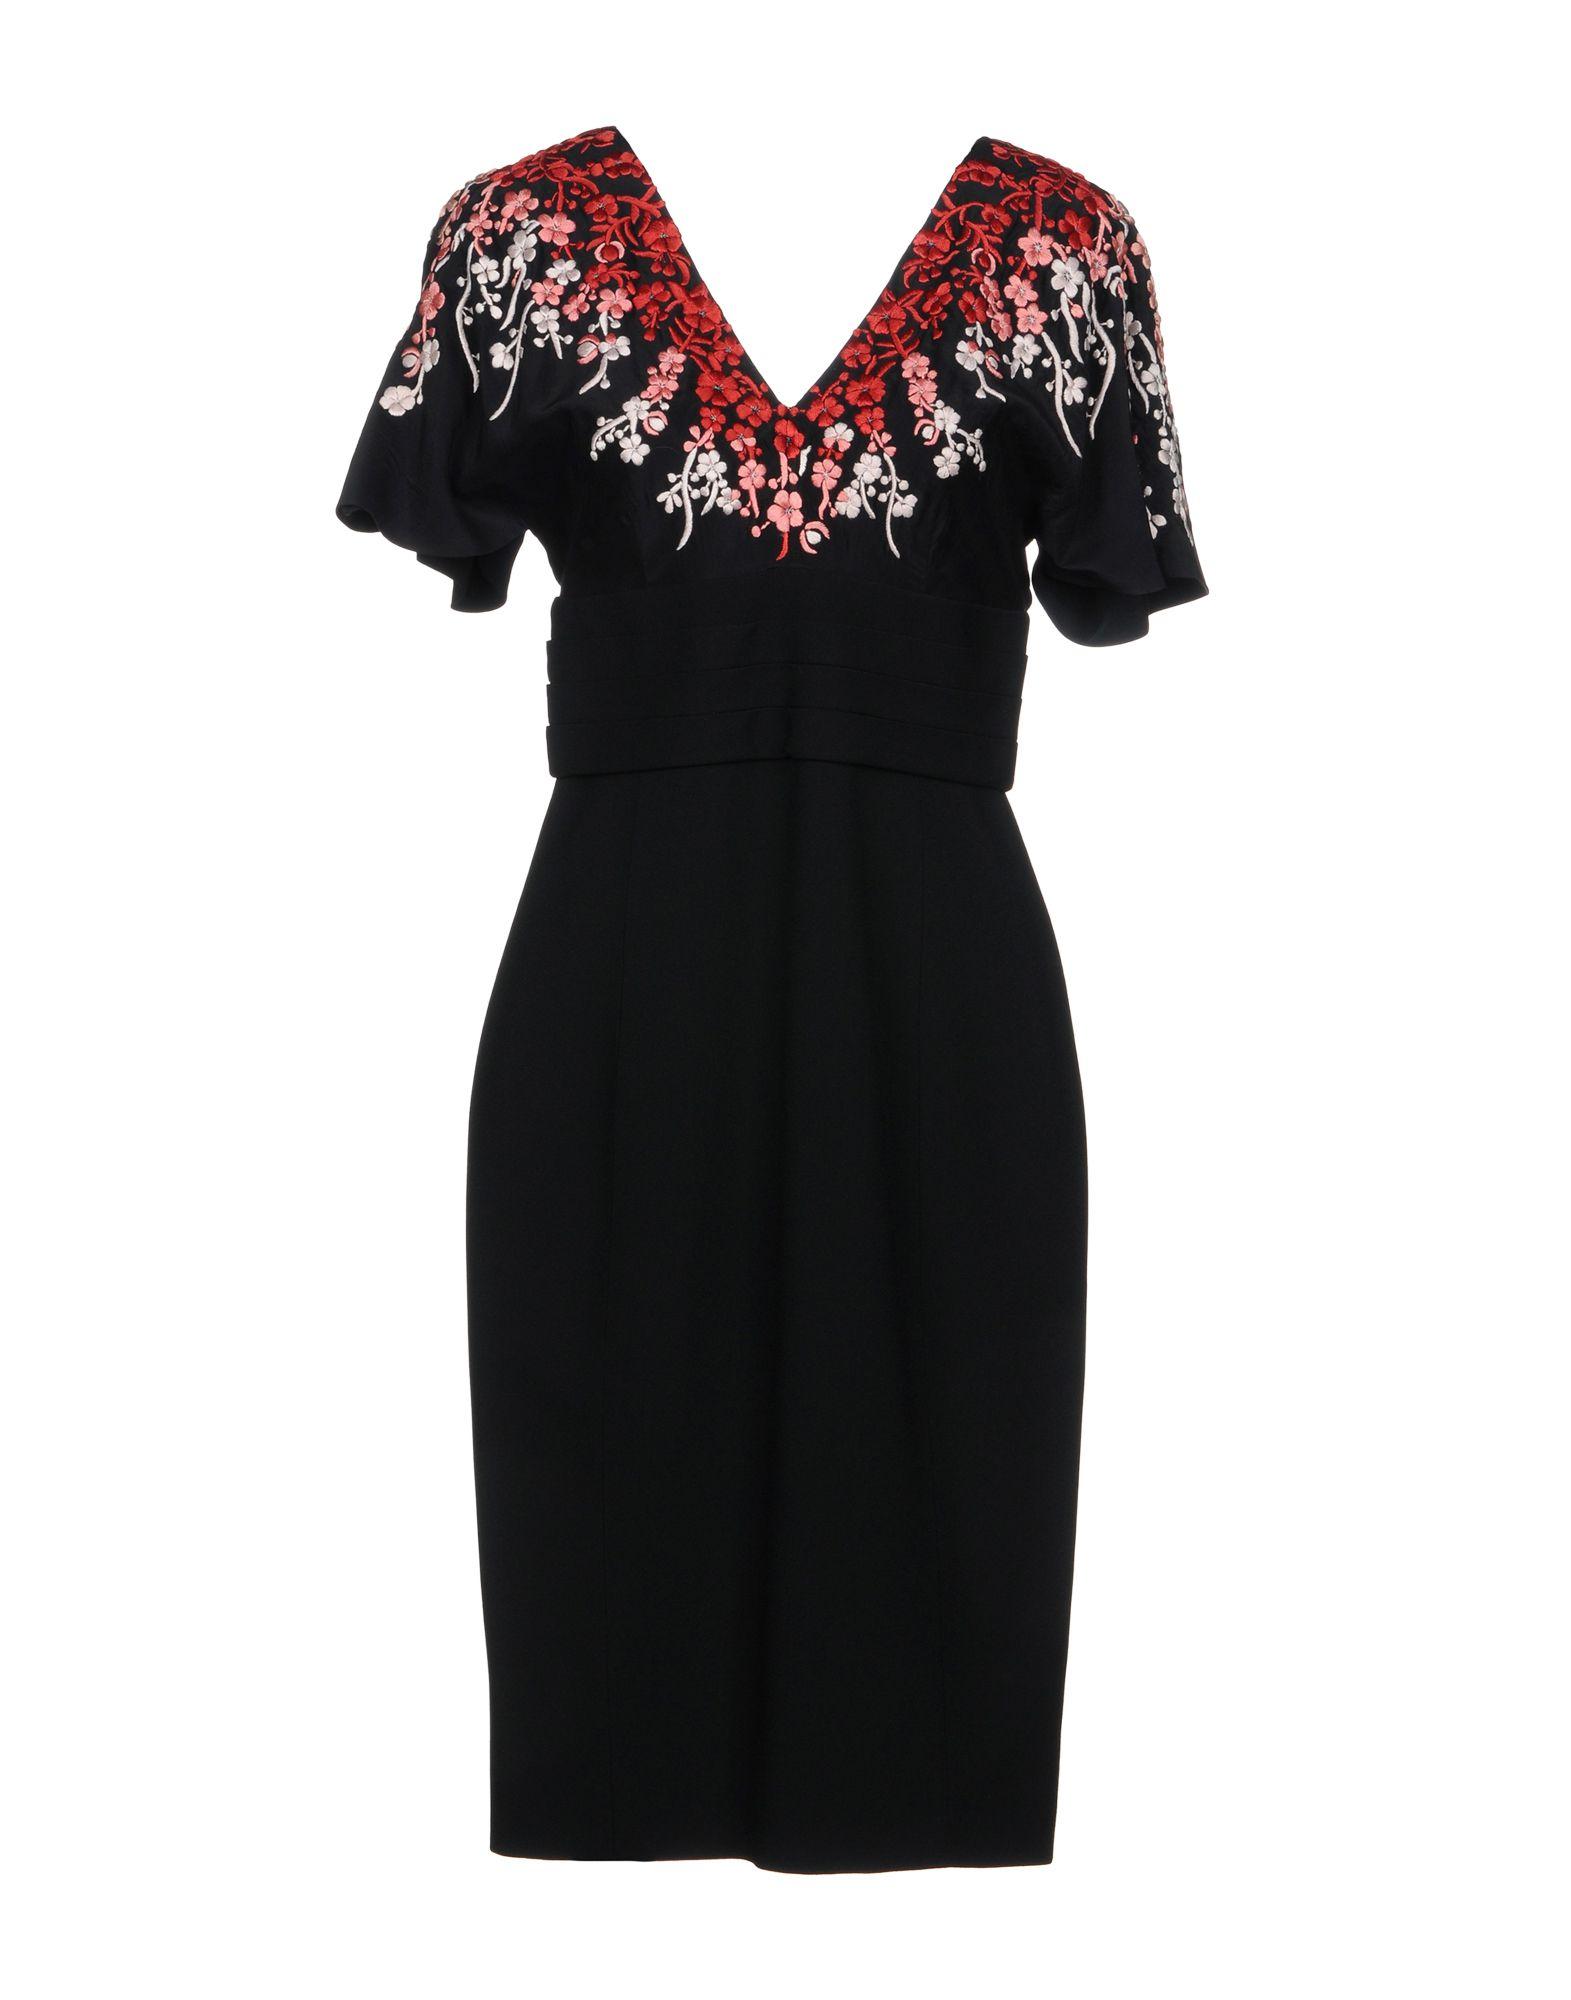 L'WREN SCOTT Knee-Length Dress in Black